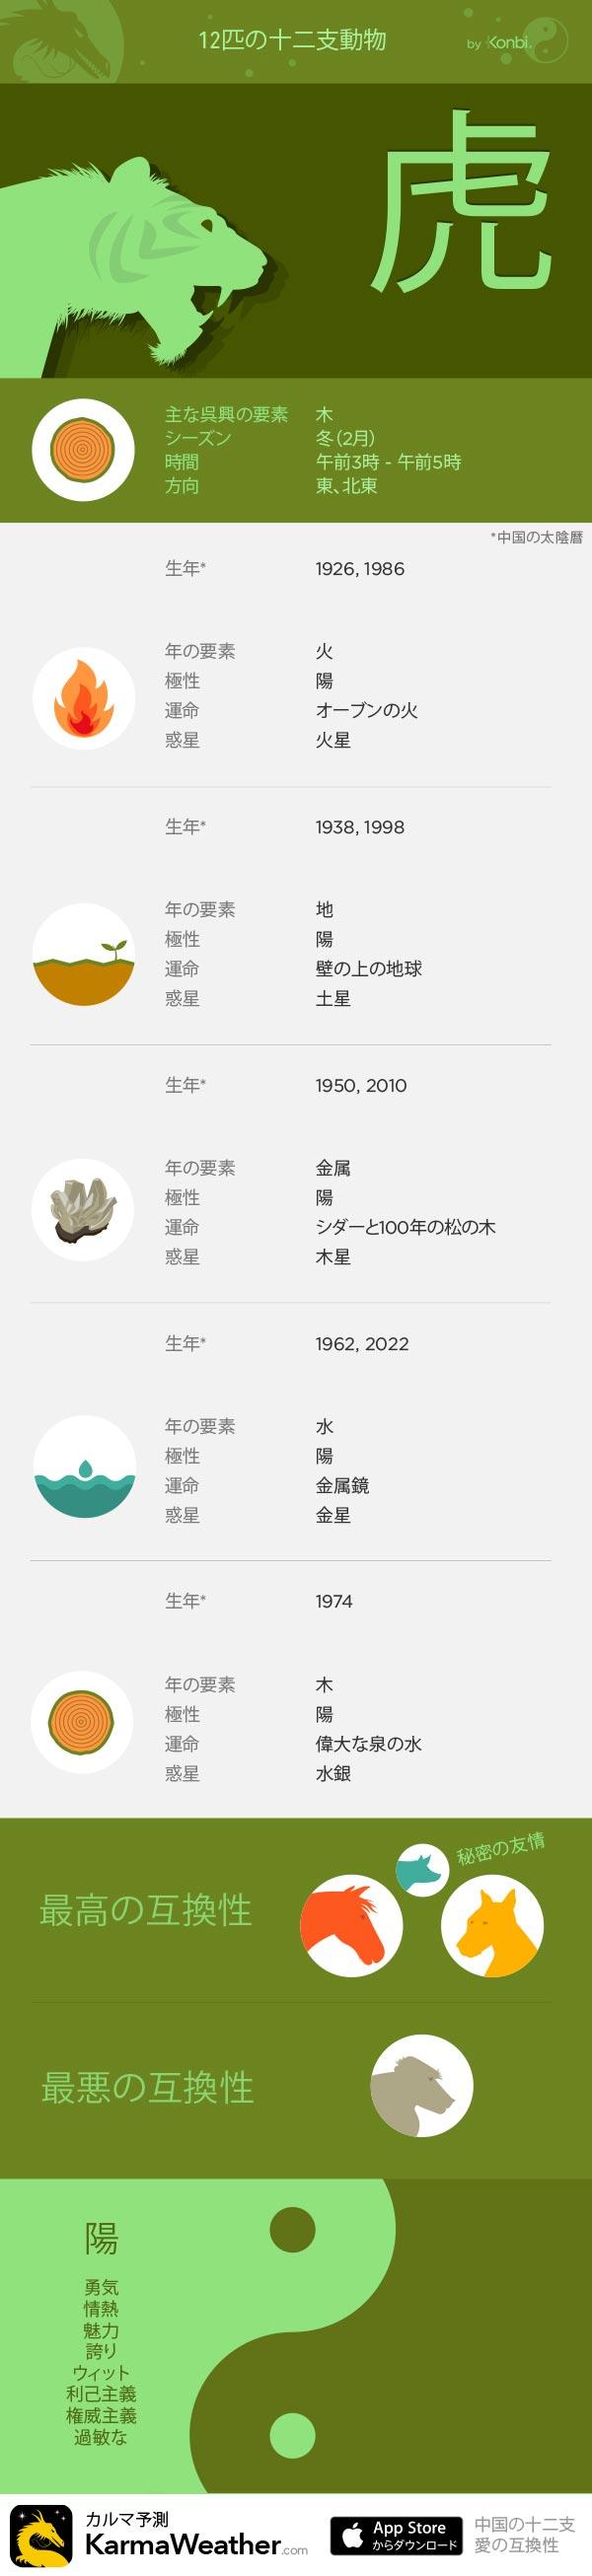 虎 - KarmaWeatherによる12の十二支の看板、 無料の中国占星術iPhoneアプリ